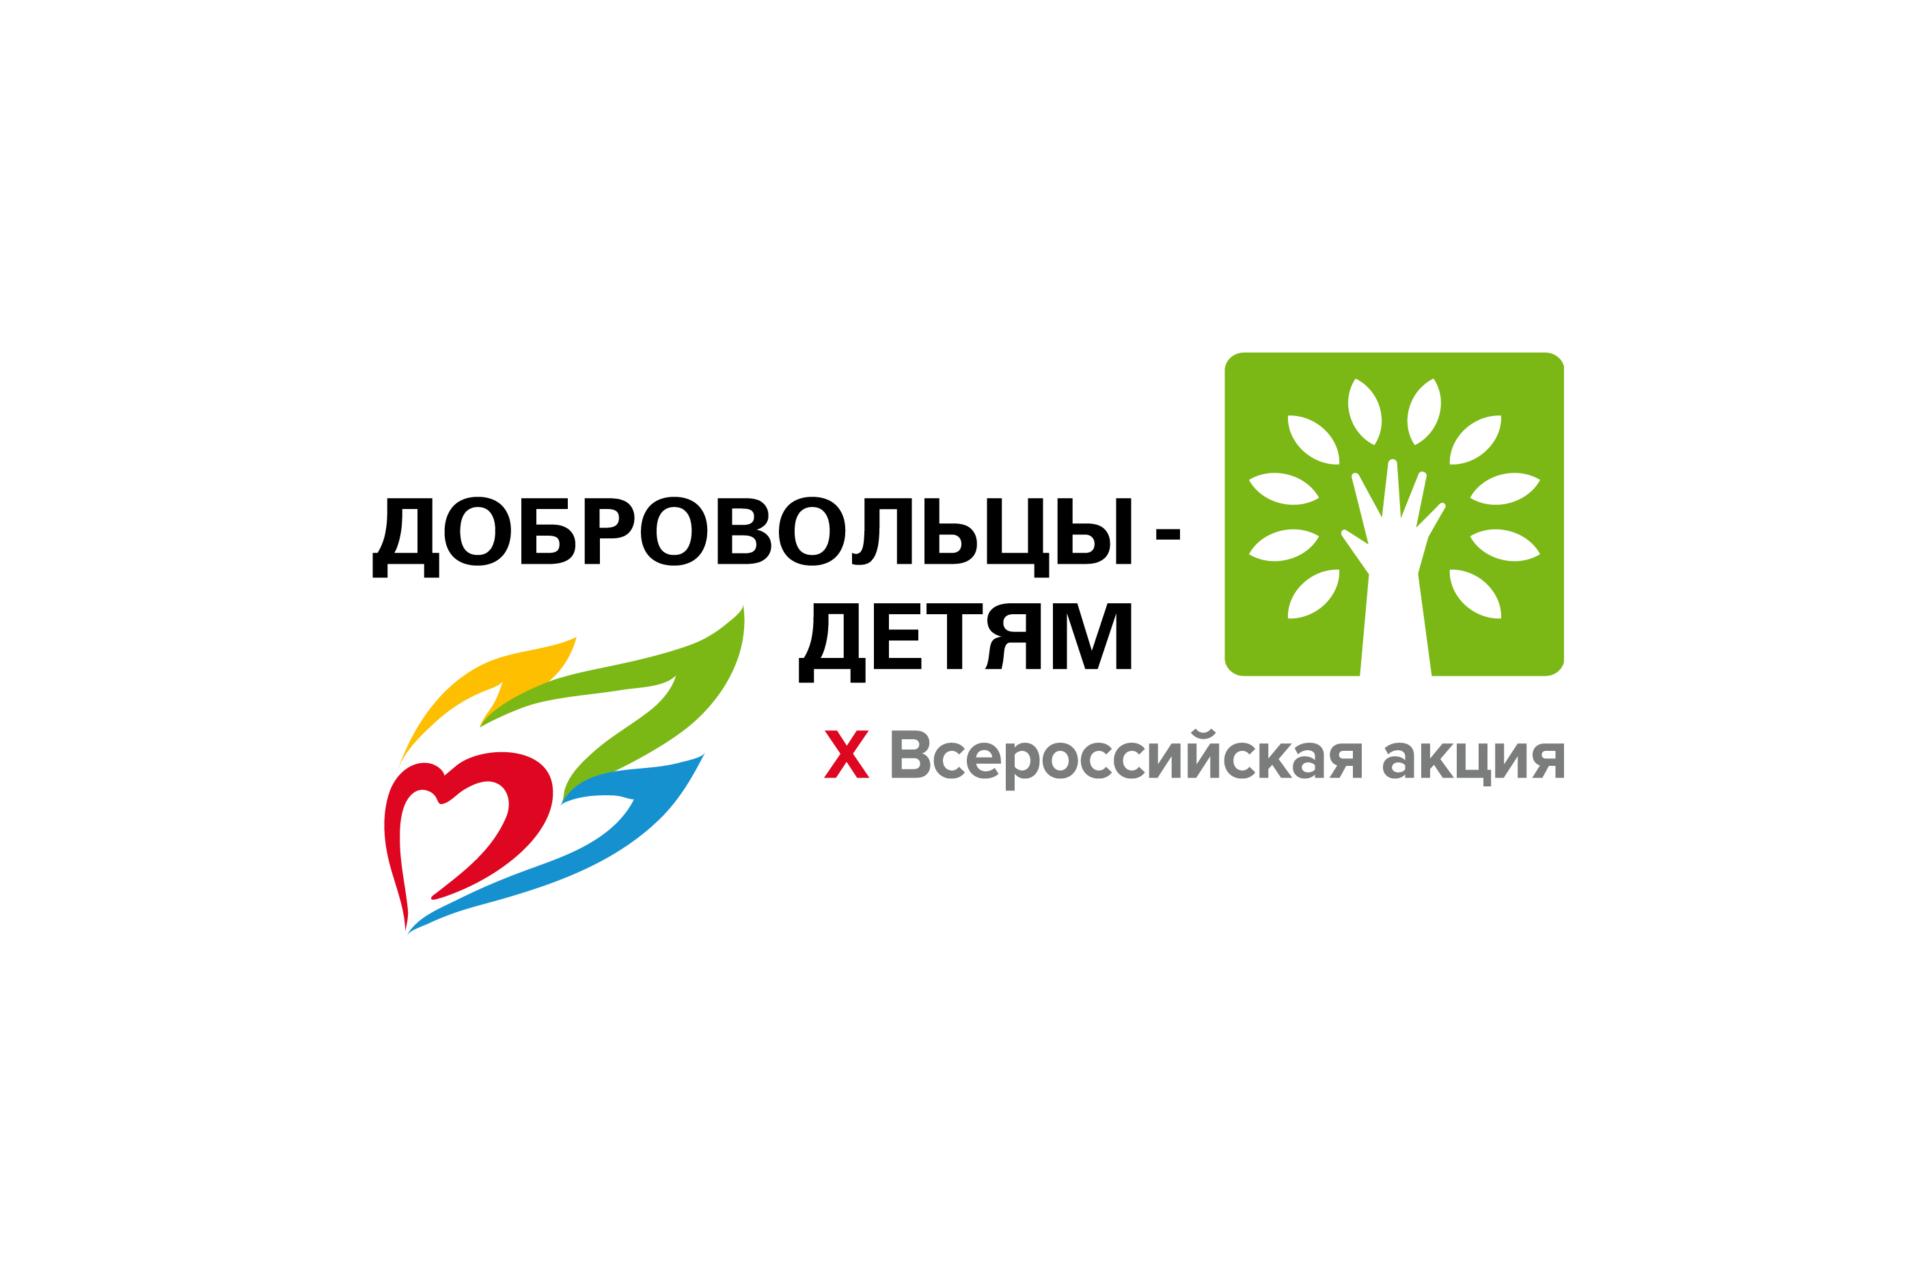 Всероссийская акция «Добровольцы-детям»